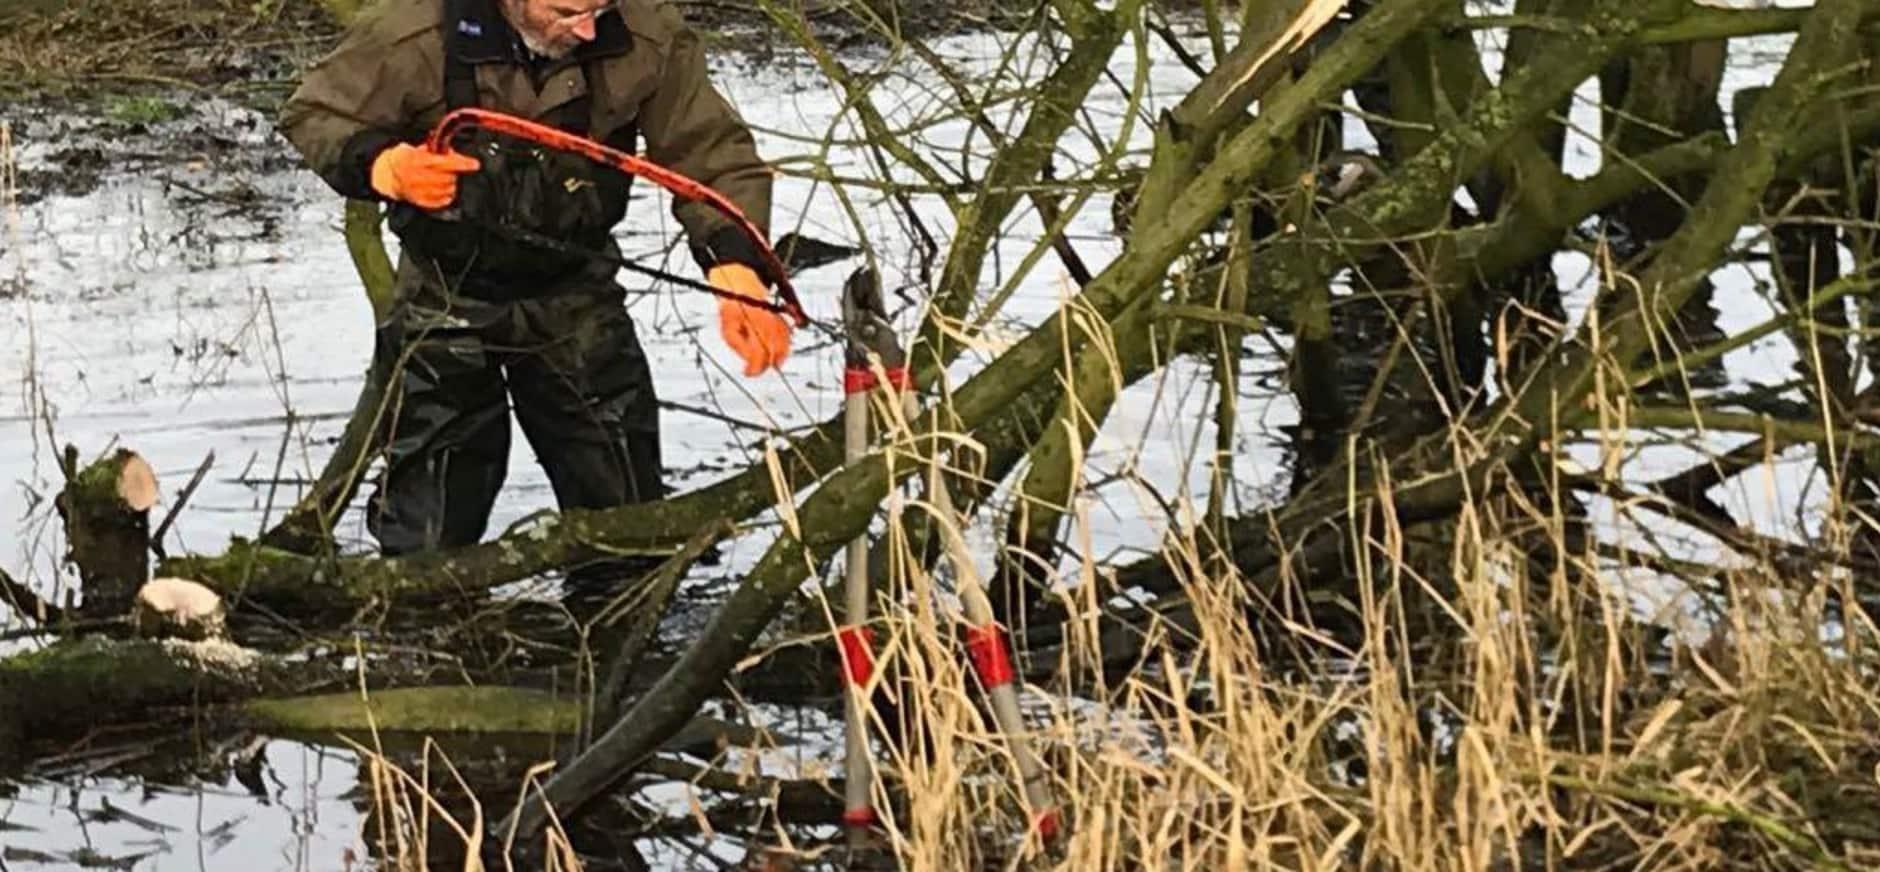 vrijwilligers zagen bomen op De Klencke